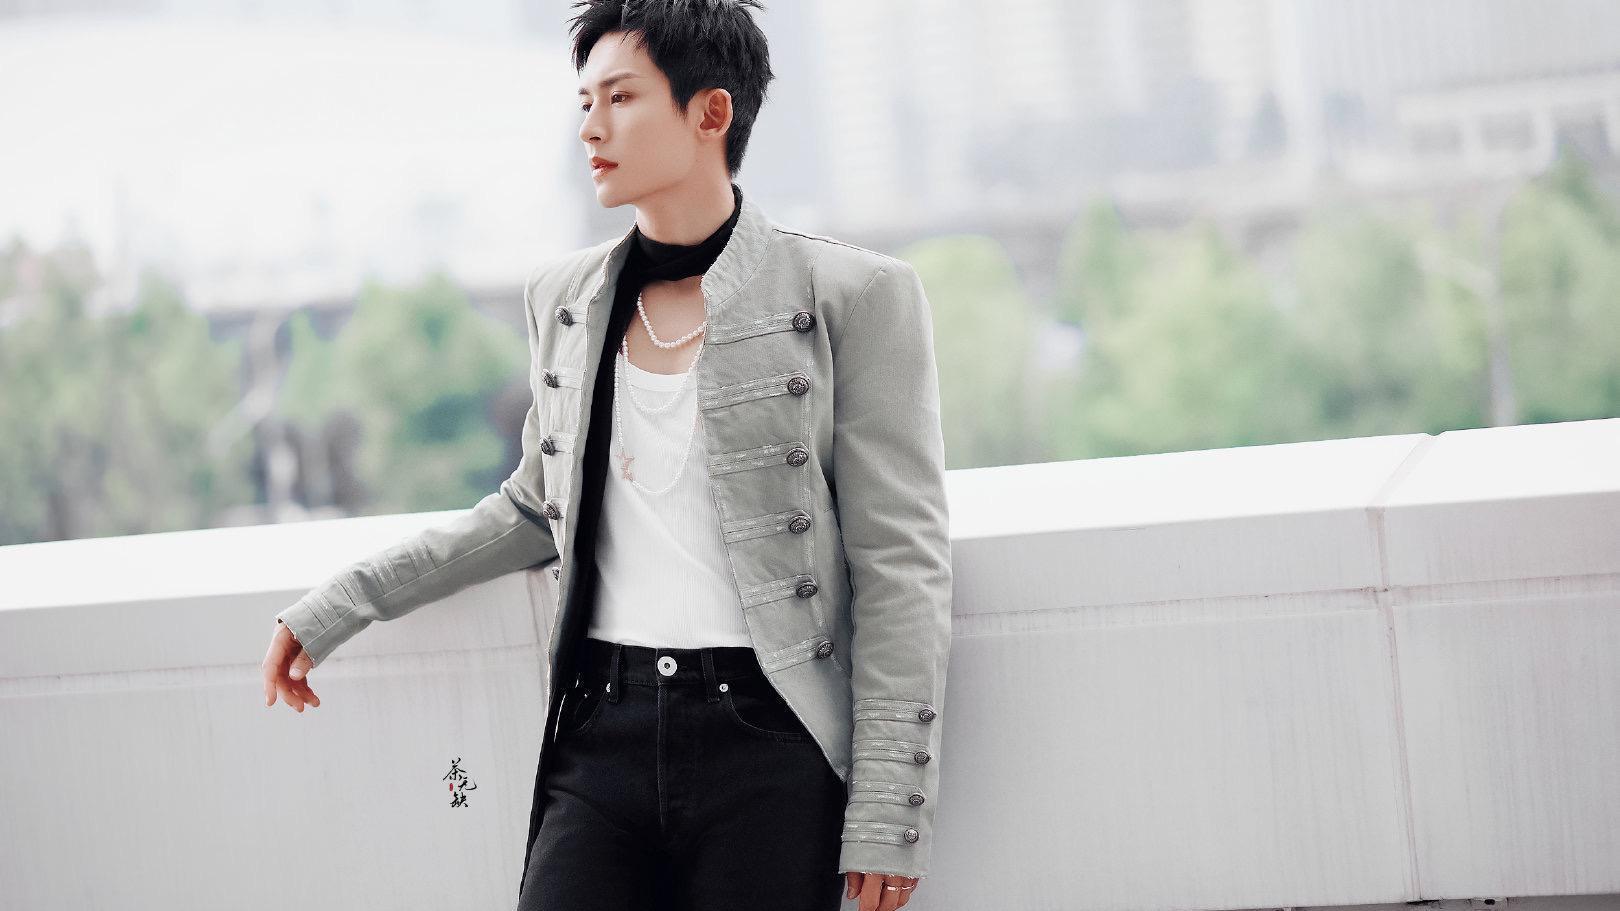 张哲瀚这次好潮,白色紧身背心配奶灰色夹克,脖子上的黑丝带好时尚